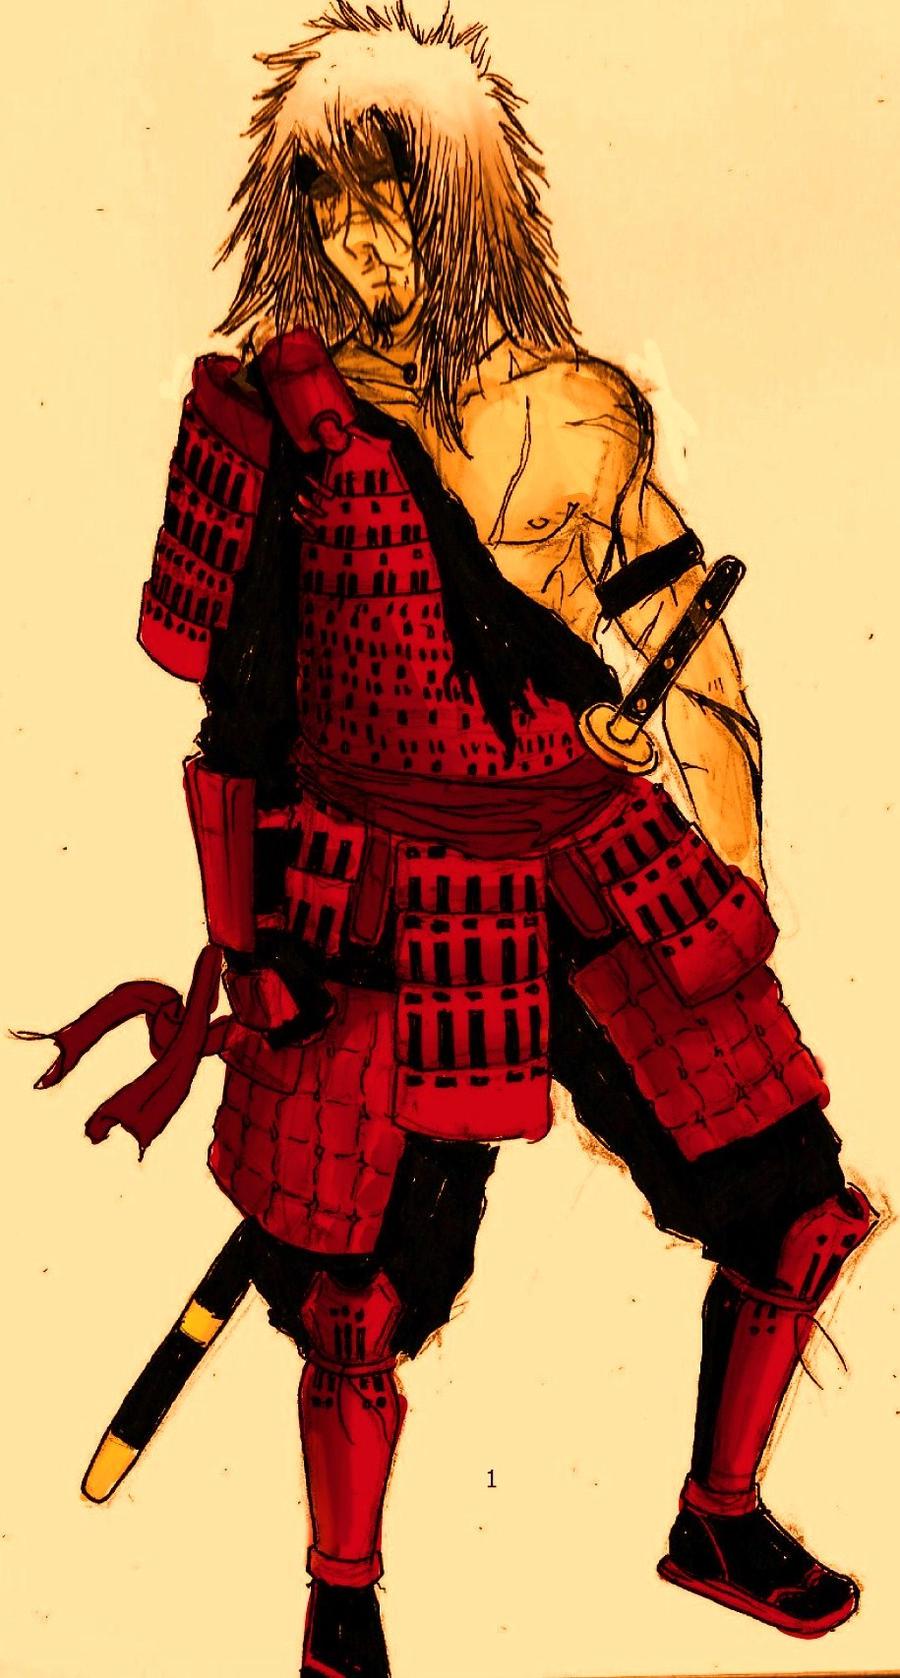 Samurai Armor Anime | www.pixshark.com - Images Galleries ...